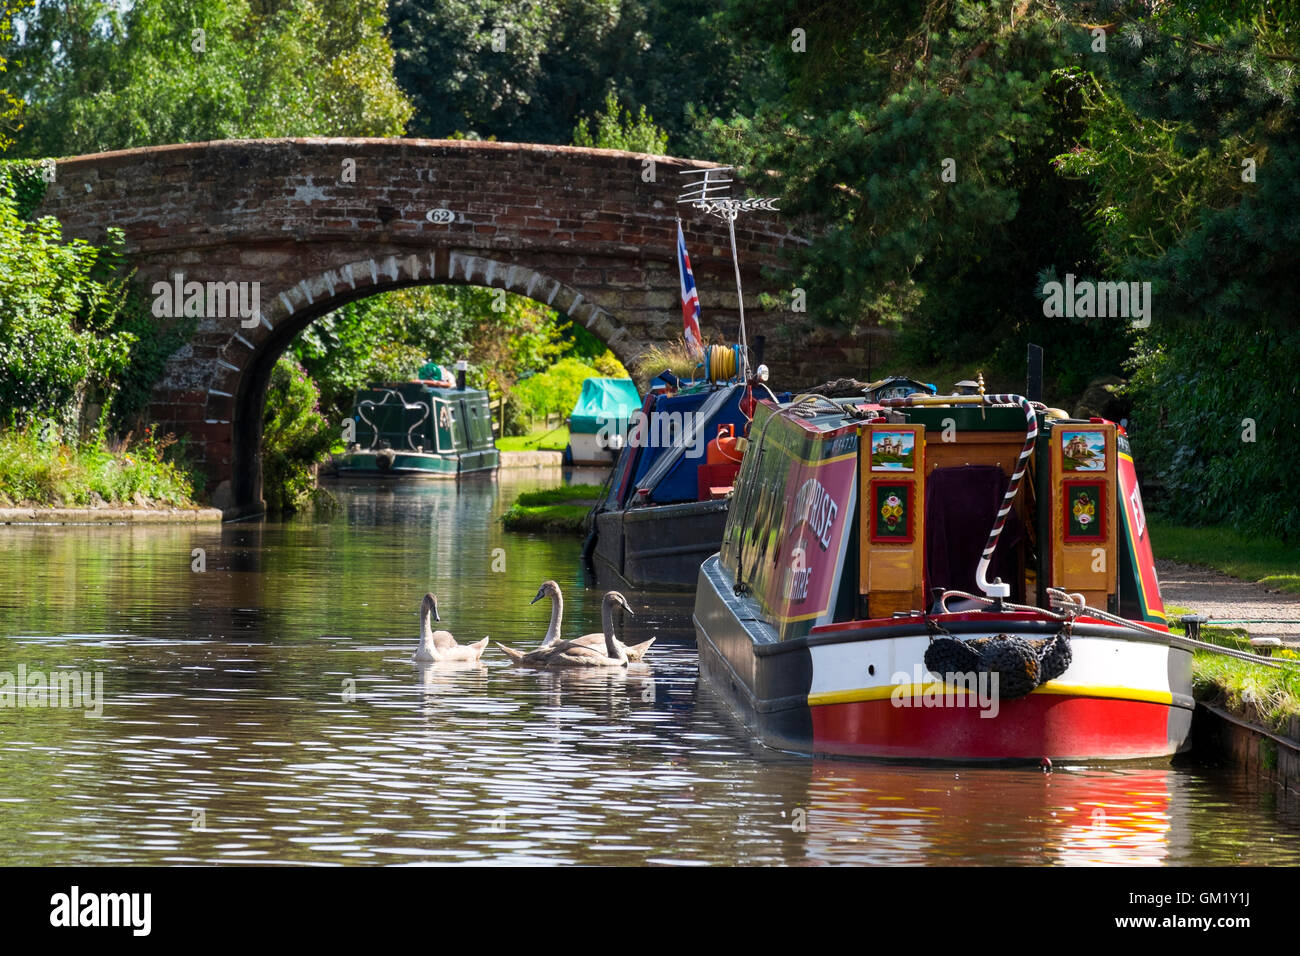 Swans and narrowboats on the Shropshire Union Canal at Talbot Wharf, Market Drayton, Shropshire, England, UK - Stock Image